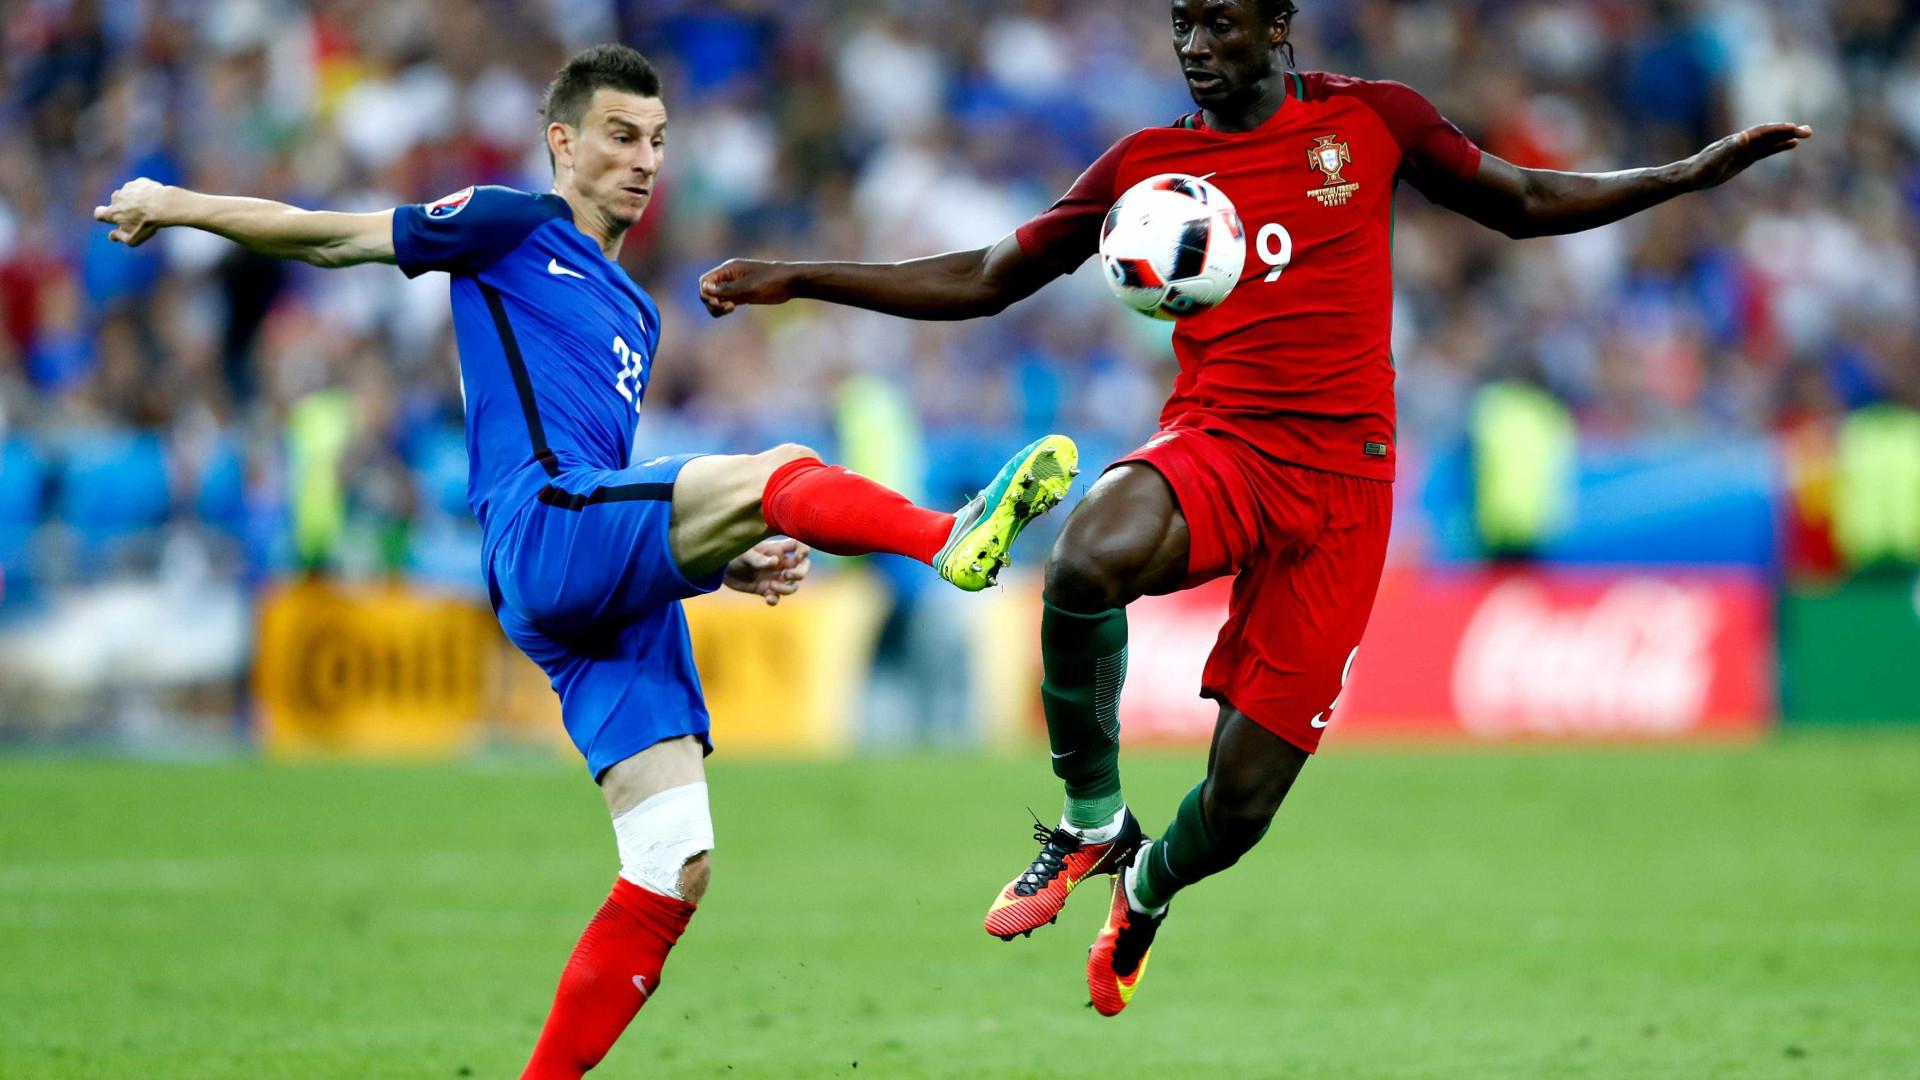 Eder fora do Mundial: Saiba o que disse Fernando Santos